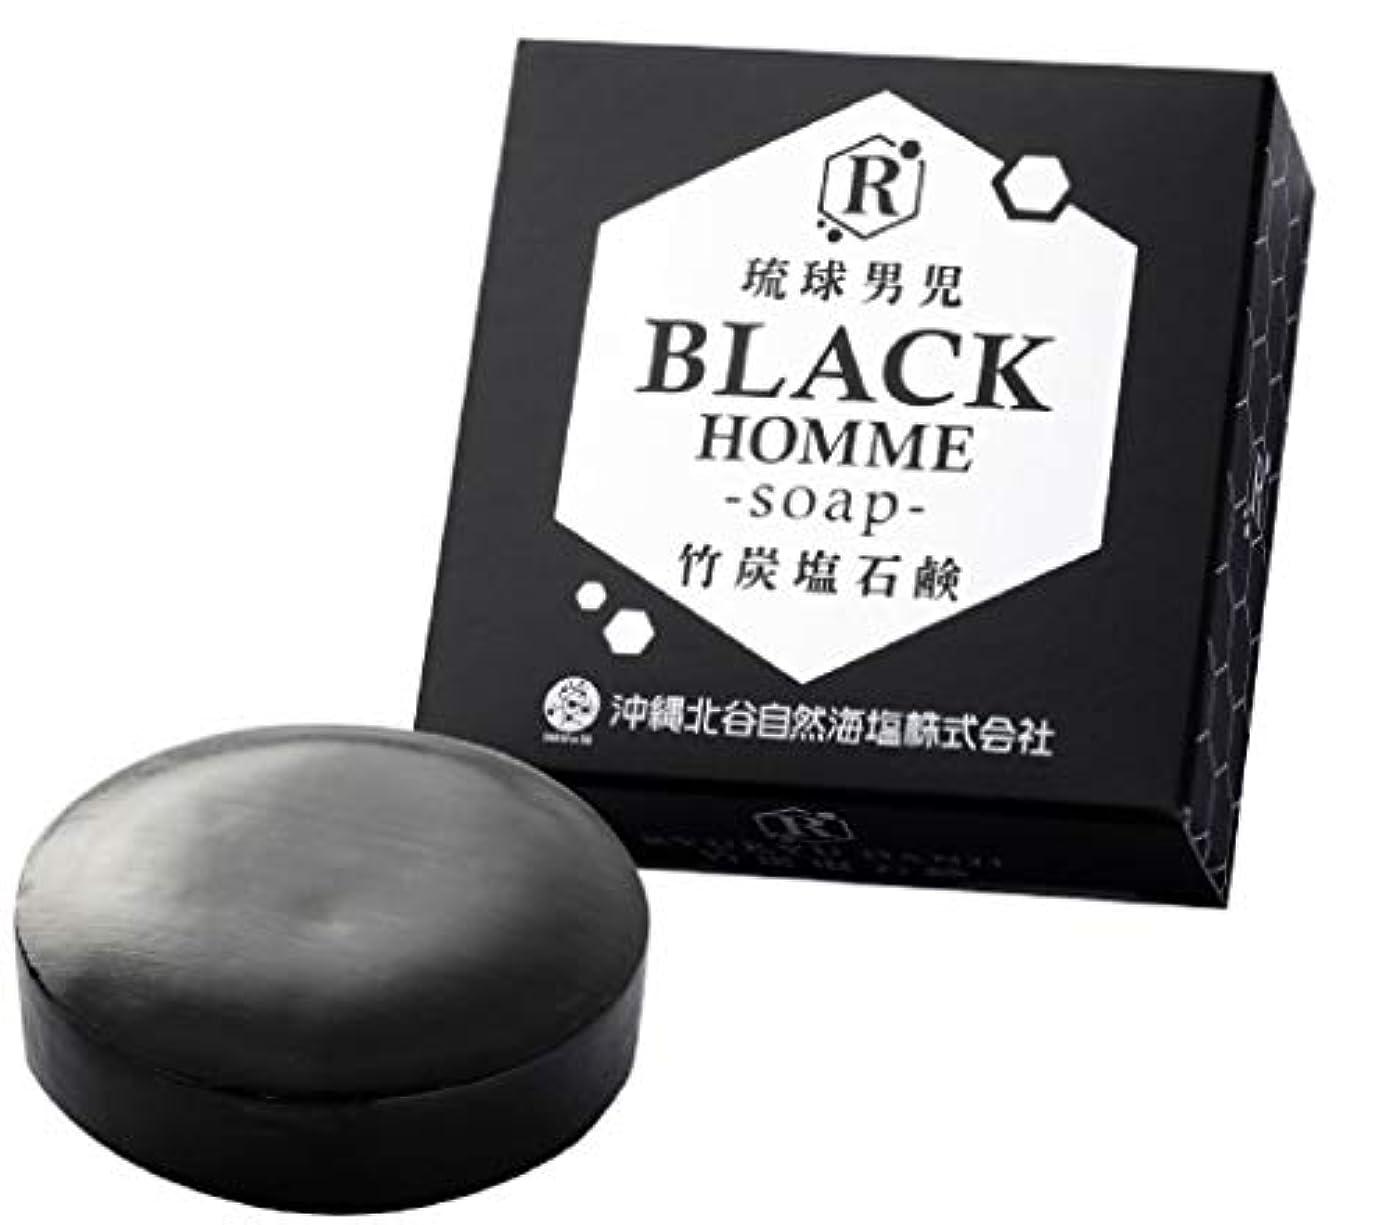 ペースト排泄する行進【2個セット】琉球男児 竹炭塩石鹸 BLACK HOMME-soap- 60g 泡立てネット付き